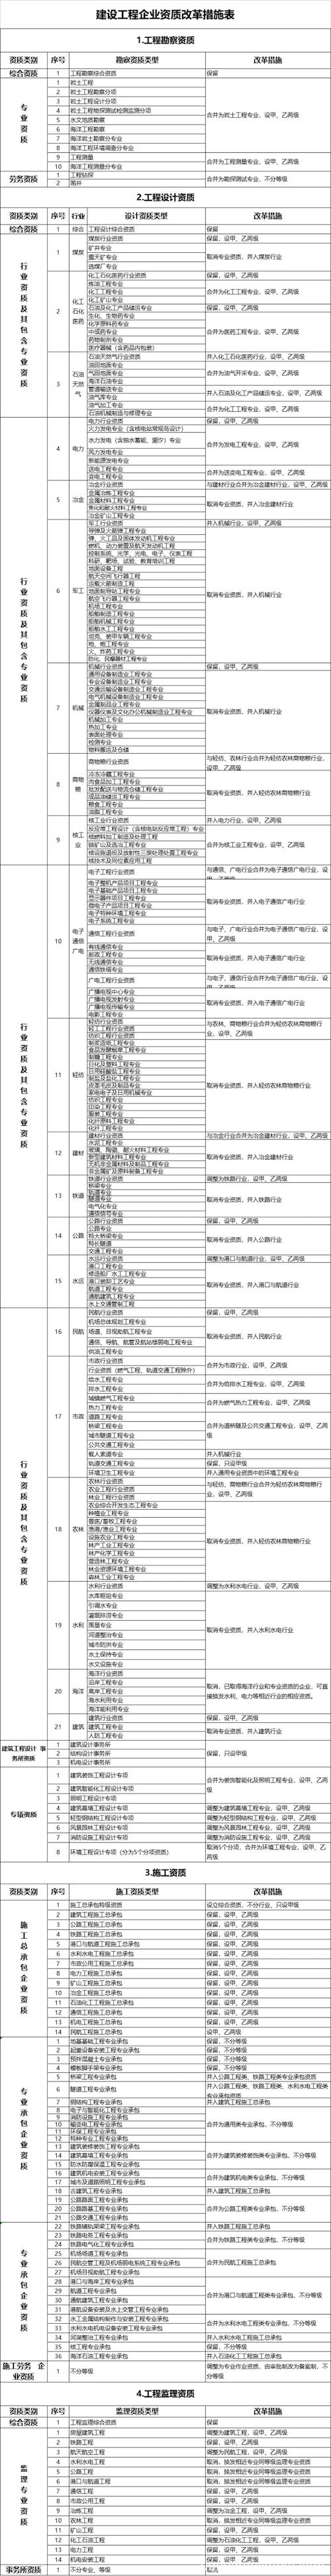 导出图片Fri Jul 03 2020 09_04_44 GMT+0800 (中国标准时间).png